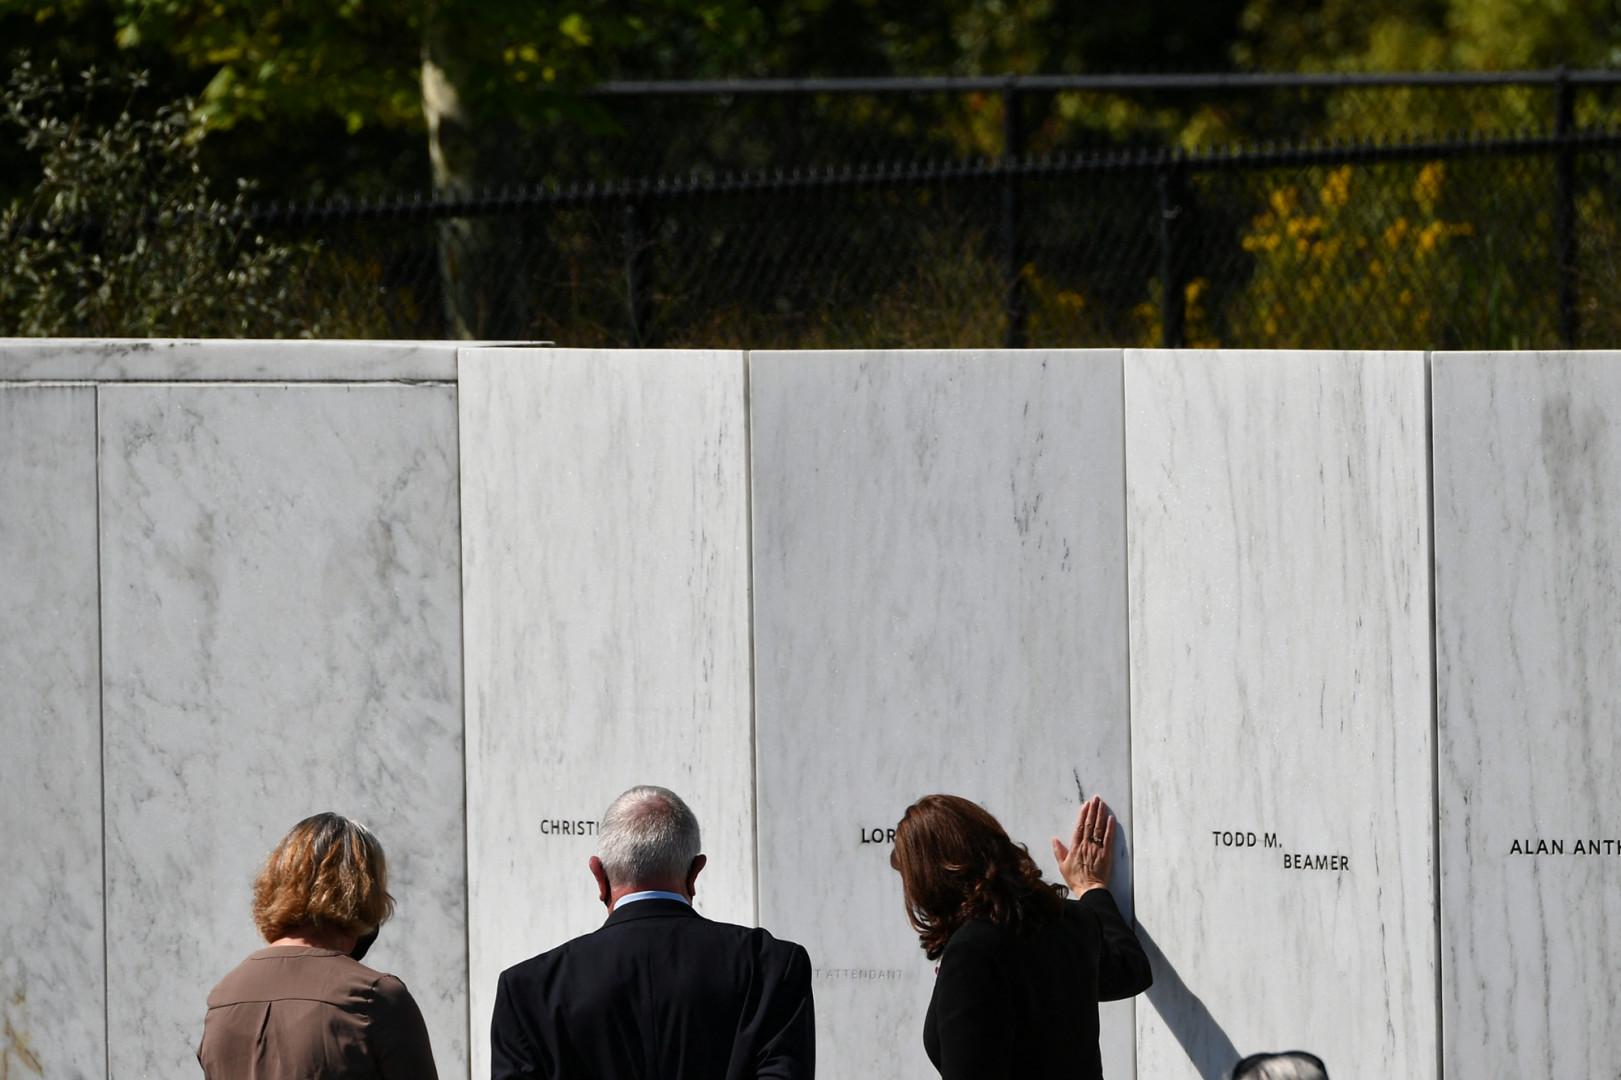 La vice-présidente Kamala Harris s'est rendue en Pennsylvanie, où le vol 93 avait fait 37 morts